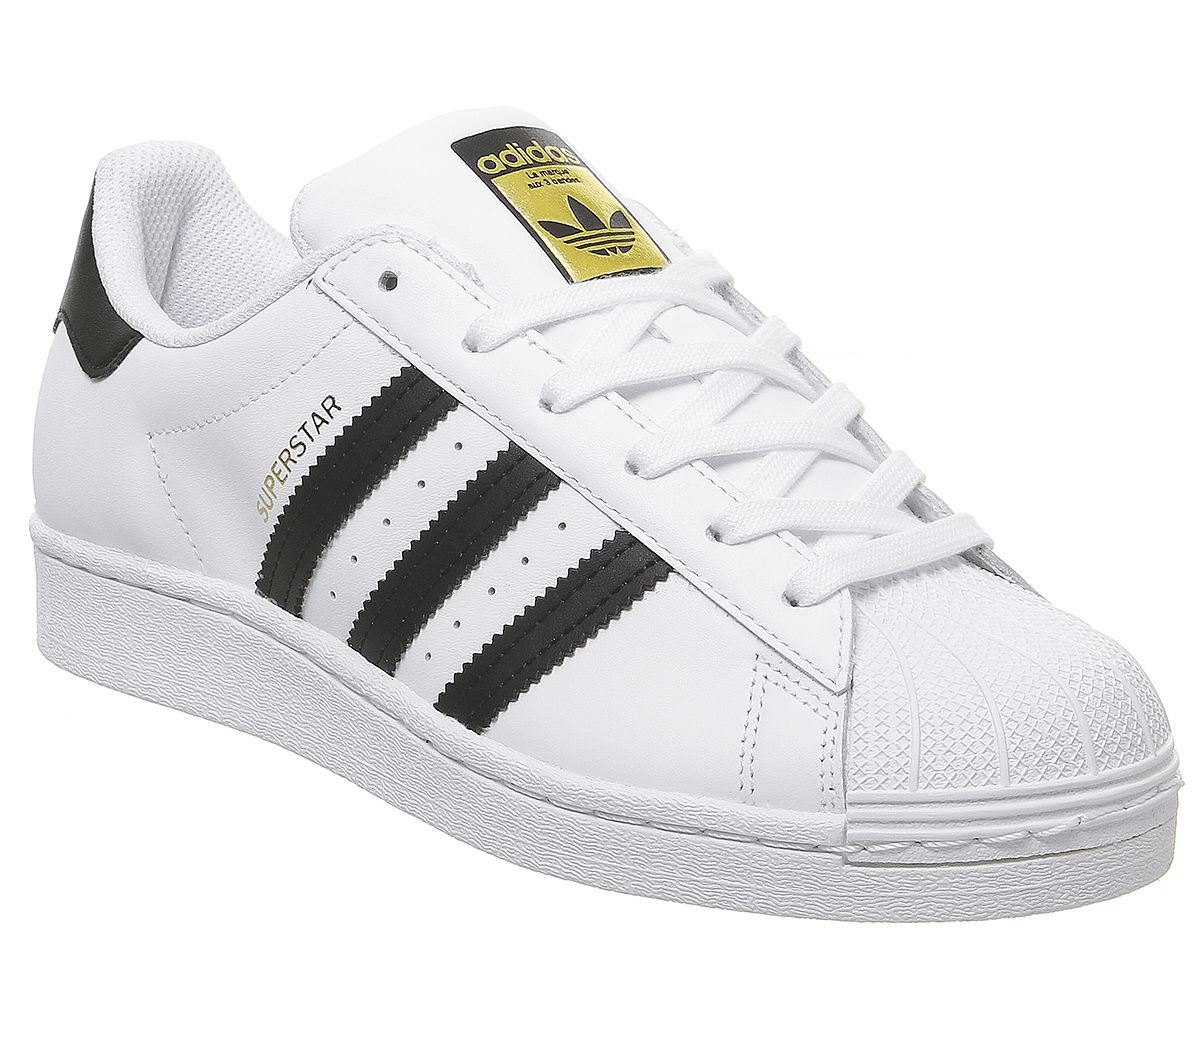 Detalles de Mujer adidas Superstar GS Zapatillas Blanco Negro Zapatillas  Blancas